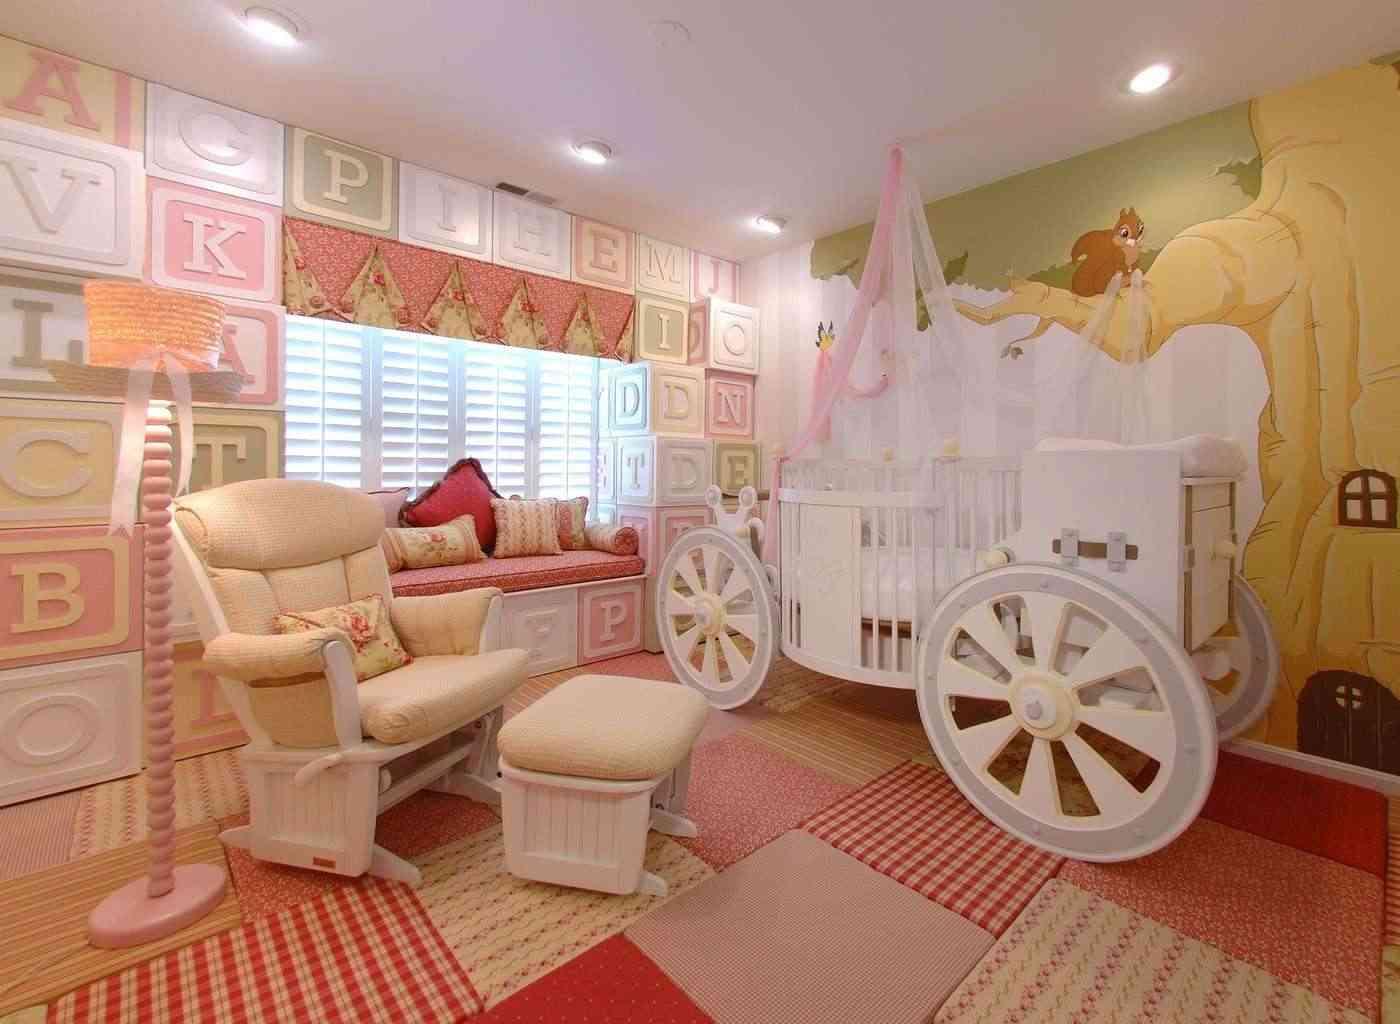 habitación de bebe decorada